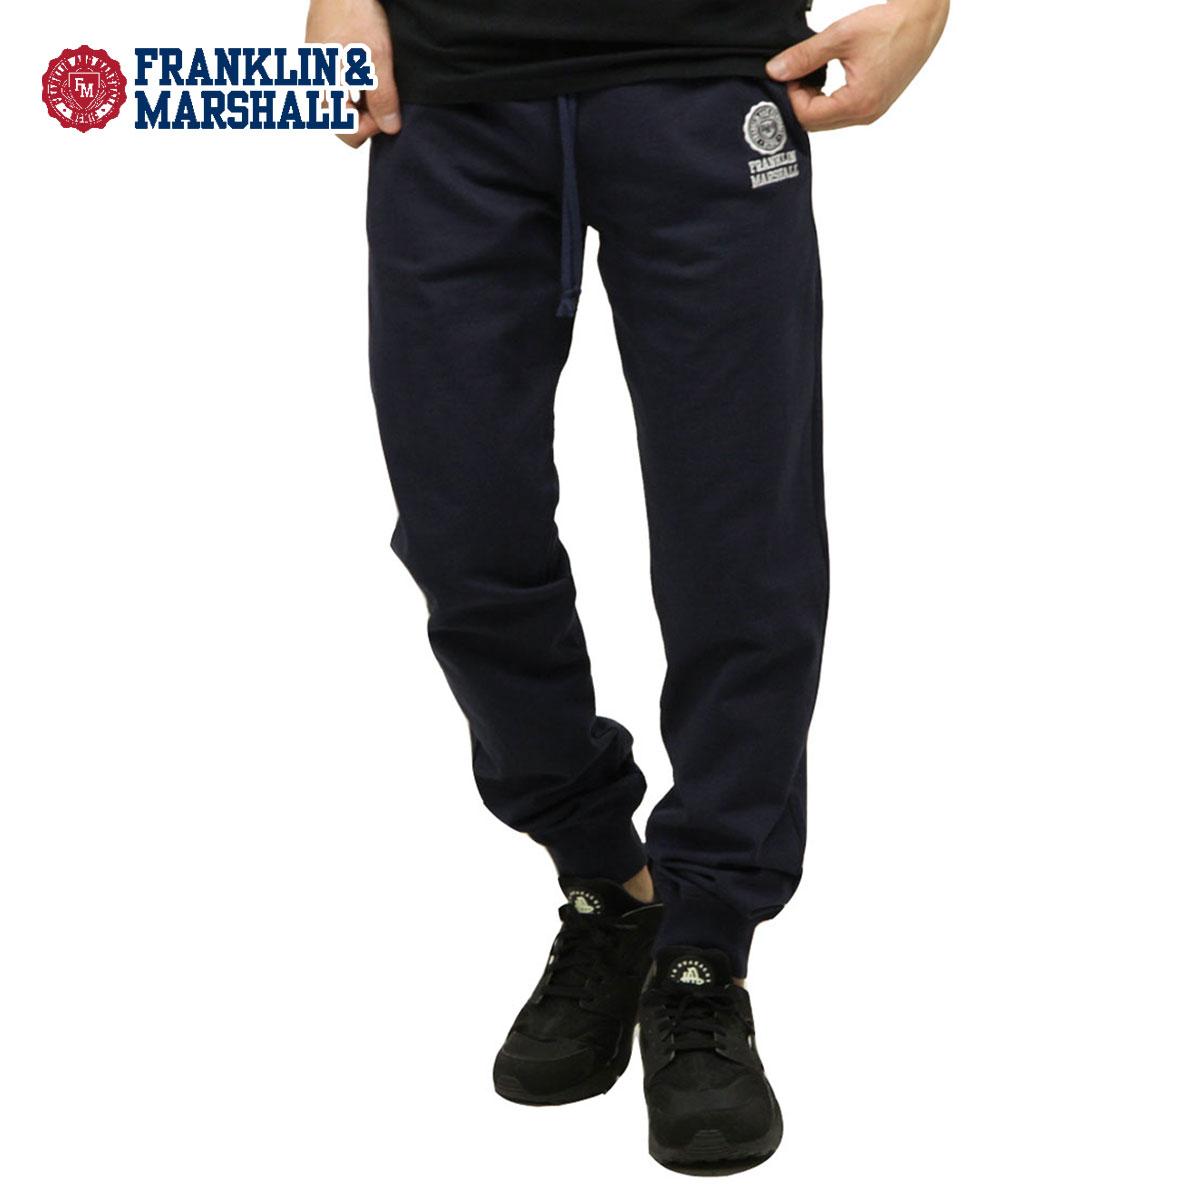 予約商品 4月頃入荷予定 フランクリン マーシャル FRANKLIN&MARSHALL 正規販売店 メンズ ジョガーパンツ JOGGER FLEECE PANTS PFMF081 2033 NAVY